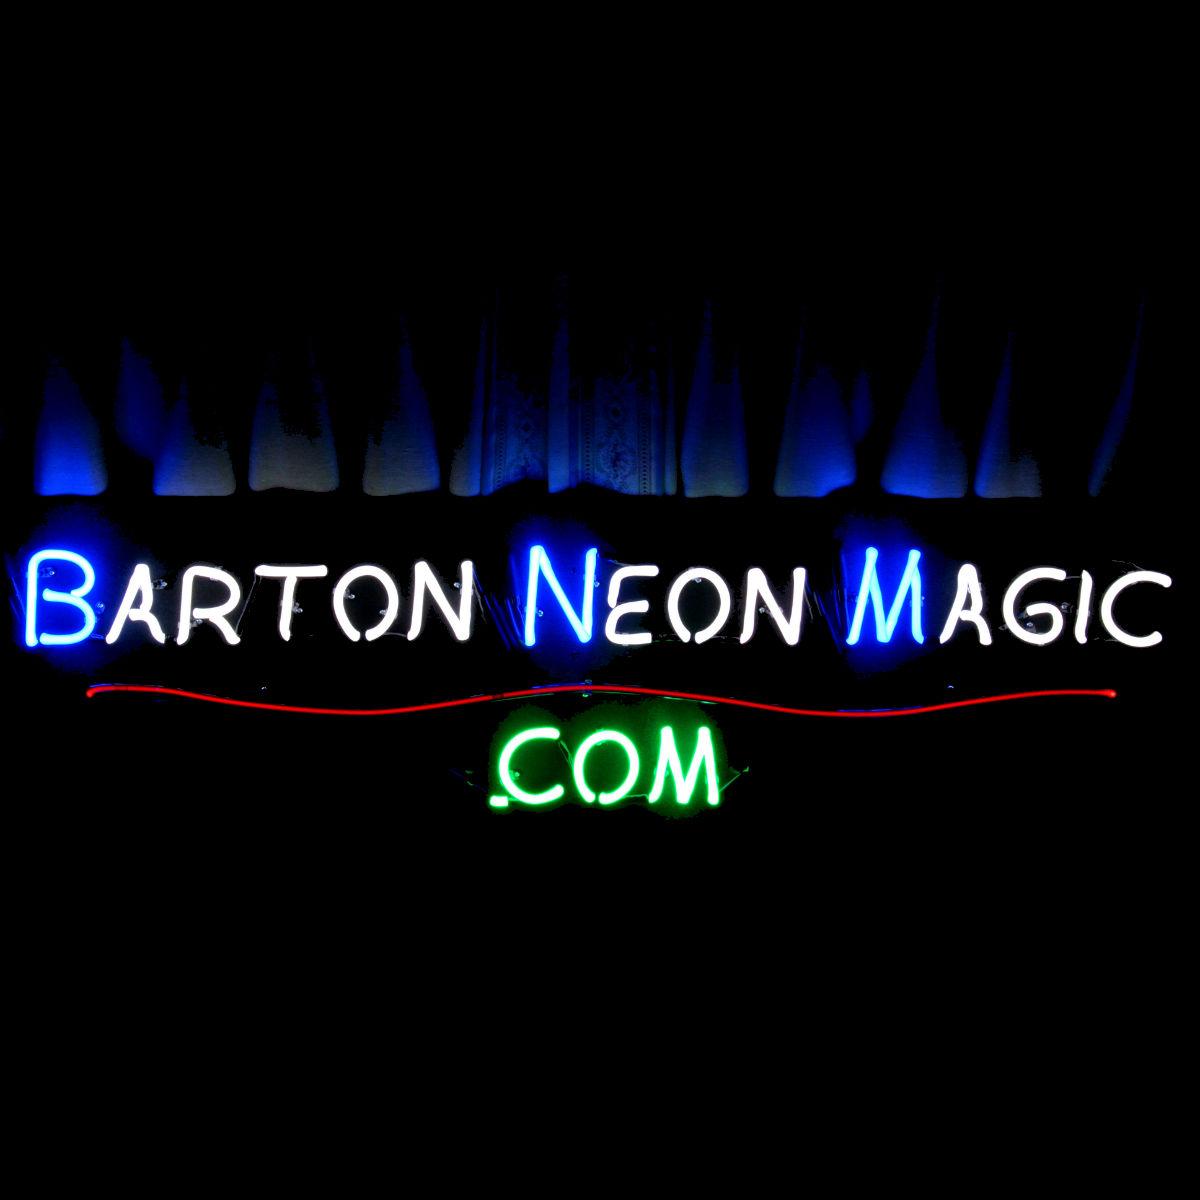 BartonNeonMagic.com - Designer Hand-blown Neon Light Sculptures by John Barton - Famous USA Neon Glass Artist